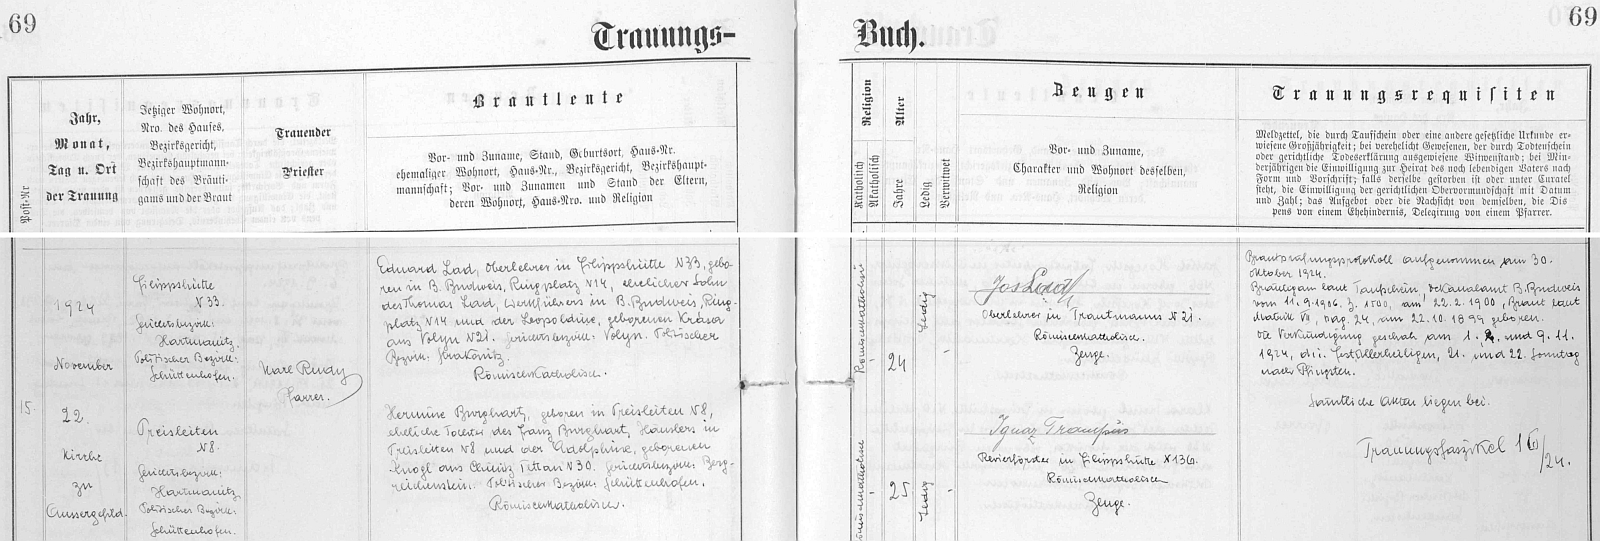 Záznam o jeho svatbě 22. listopadu 1924 na Kvildě s Hermine Burghartovou z Preisleiten (osada zanikla pod tímto německým jménem) čp. 8, dcerou tamního chalupníka Franze Burgharta a Adolphine, roz. Knoglové ze Vchynic-Tetova čp.30, svatebními svědky pak byli ženichův bratr Josef Lad (i samostatně zastoupený na webových stranách Kohoutího kříže) a revírník ve Filipově Huti Ignaz Trampus, nejmladší syn Augustina Trampuse, po němž má jméno Trampusův křížek u Březníku, zmíněný na stránkách Kohoutího kříže v textu Hanse Aschenbrennera - z nekrologu Eduarda Lada víme, že jeho žena Hermine skonala v bavorské obci Mömbris dne 30. května roku 1962 a předešla tak svou smrtí manžela o více než 20 let